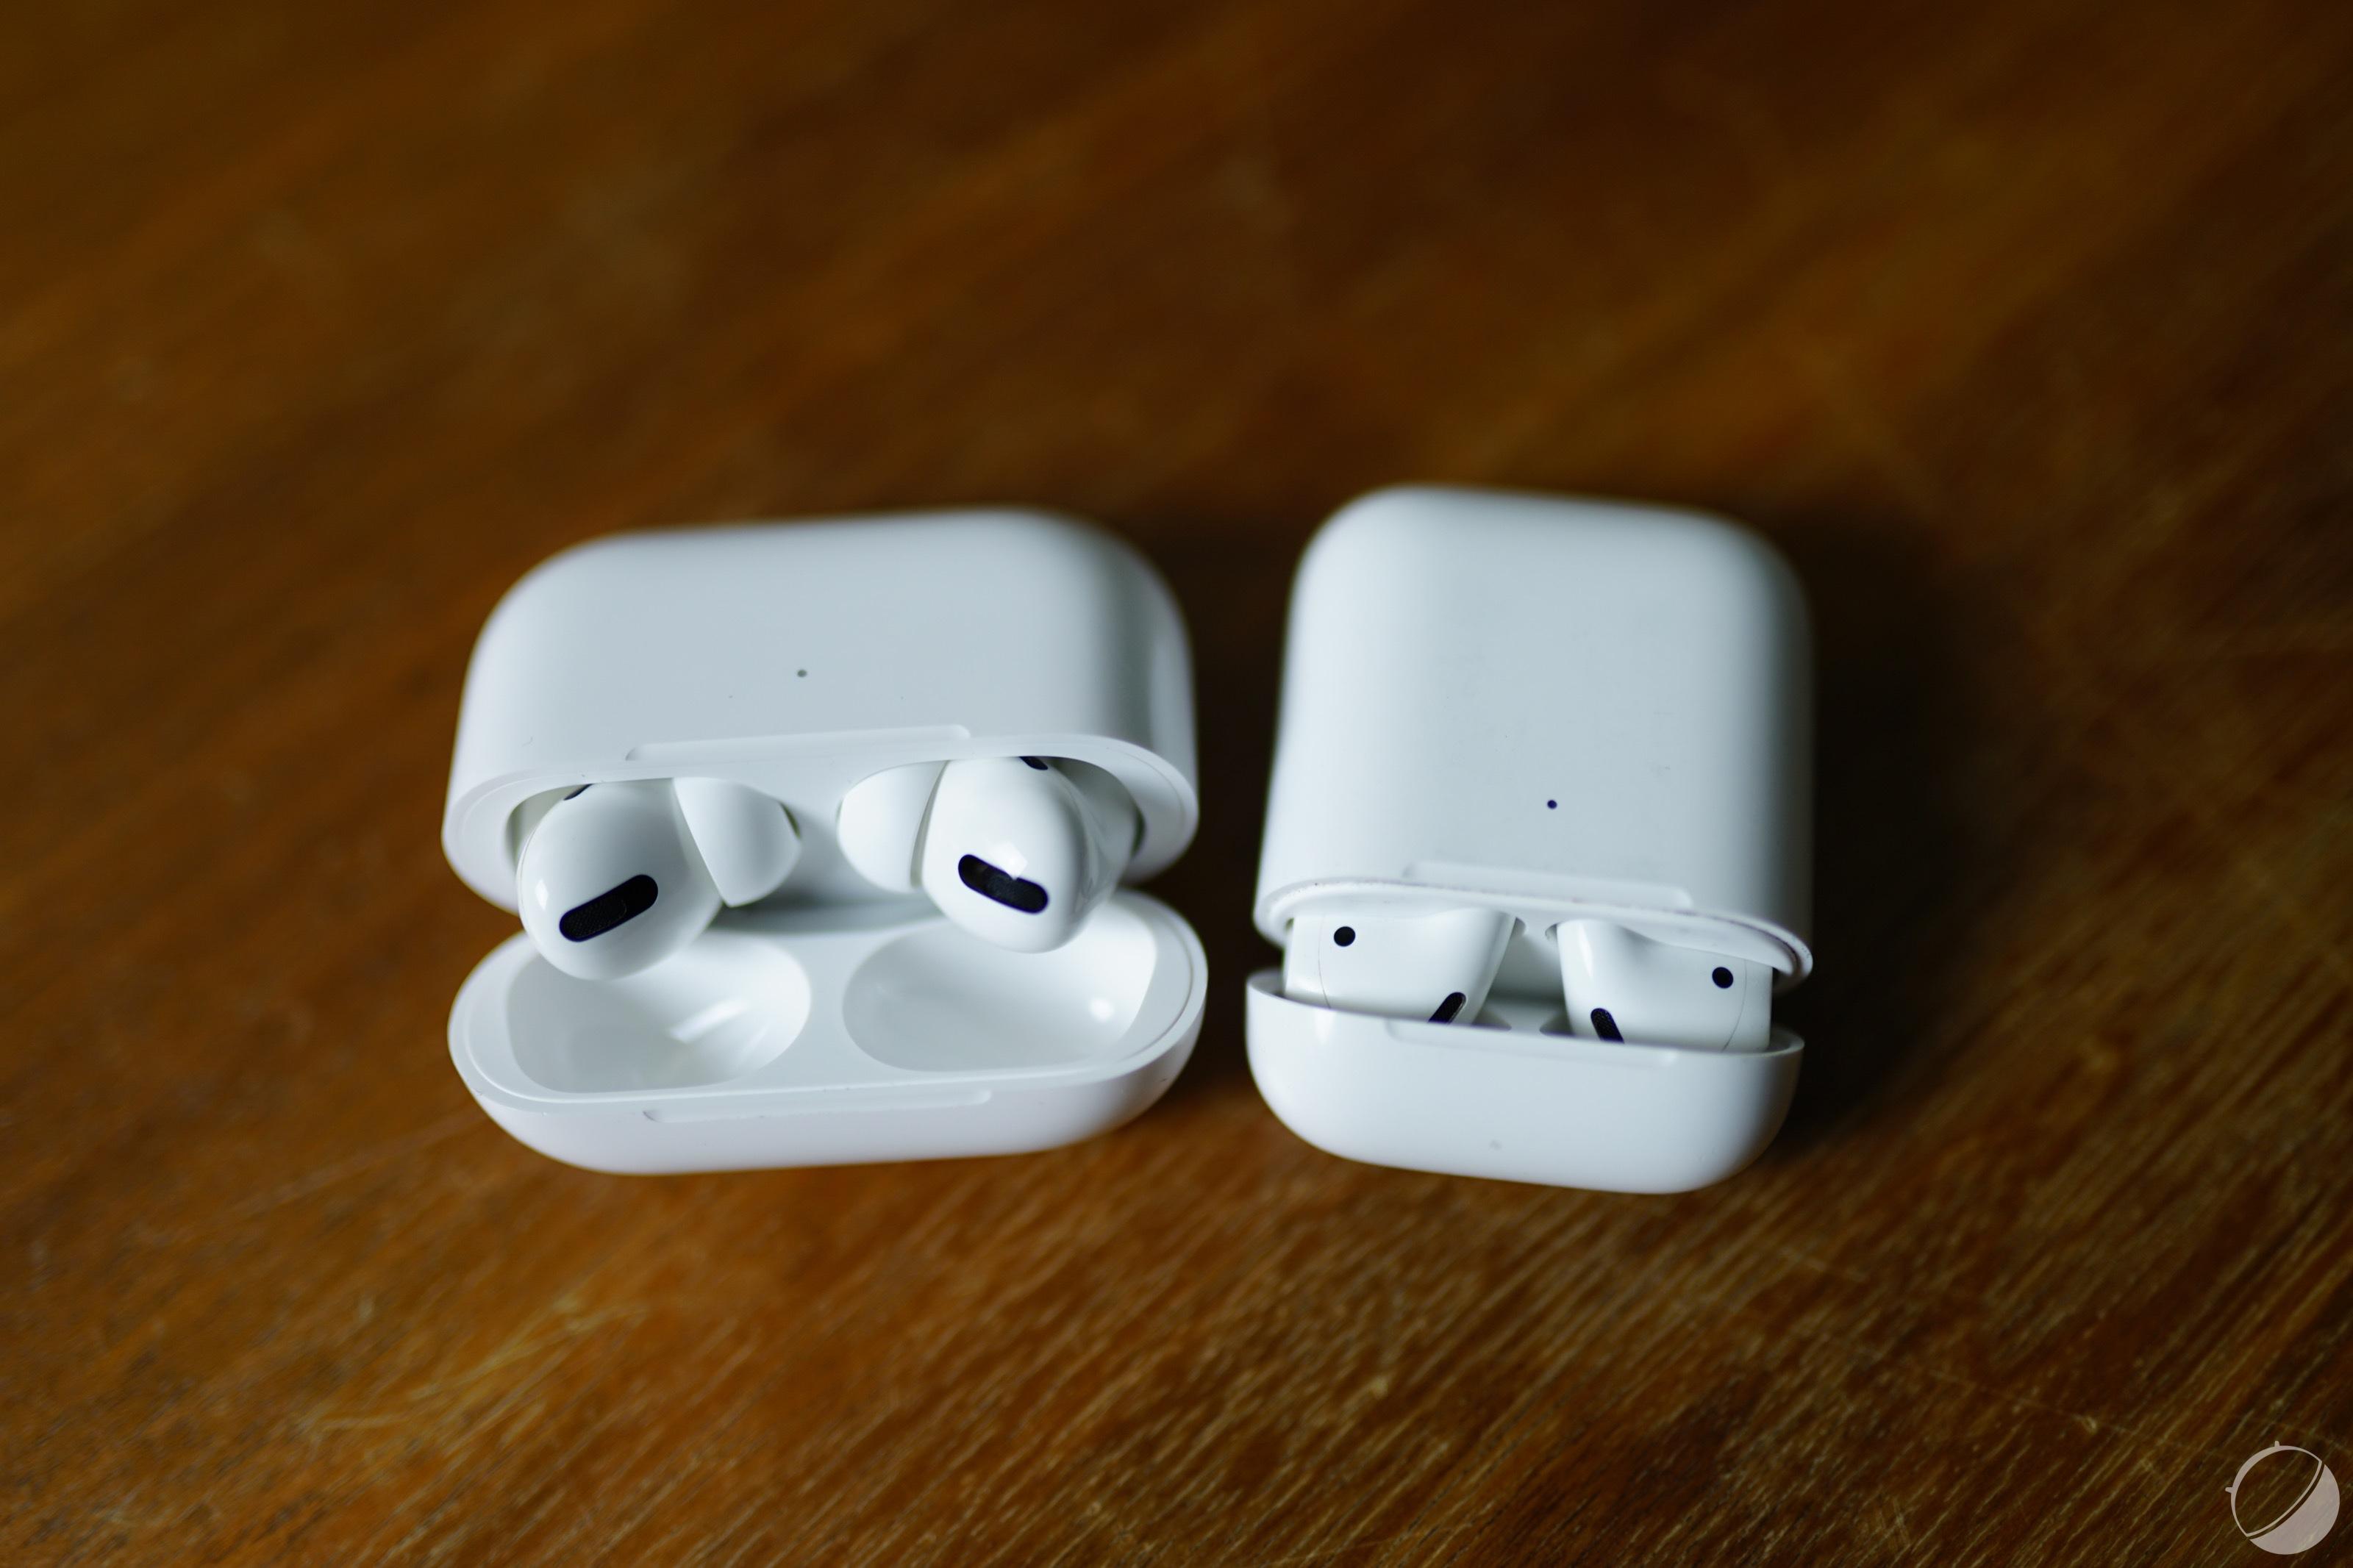 OnePlus concevrait ses propres écouteurs type AirPods